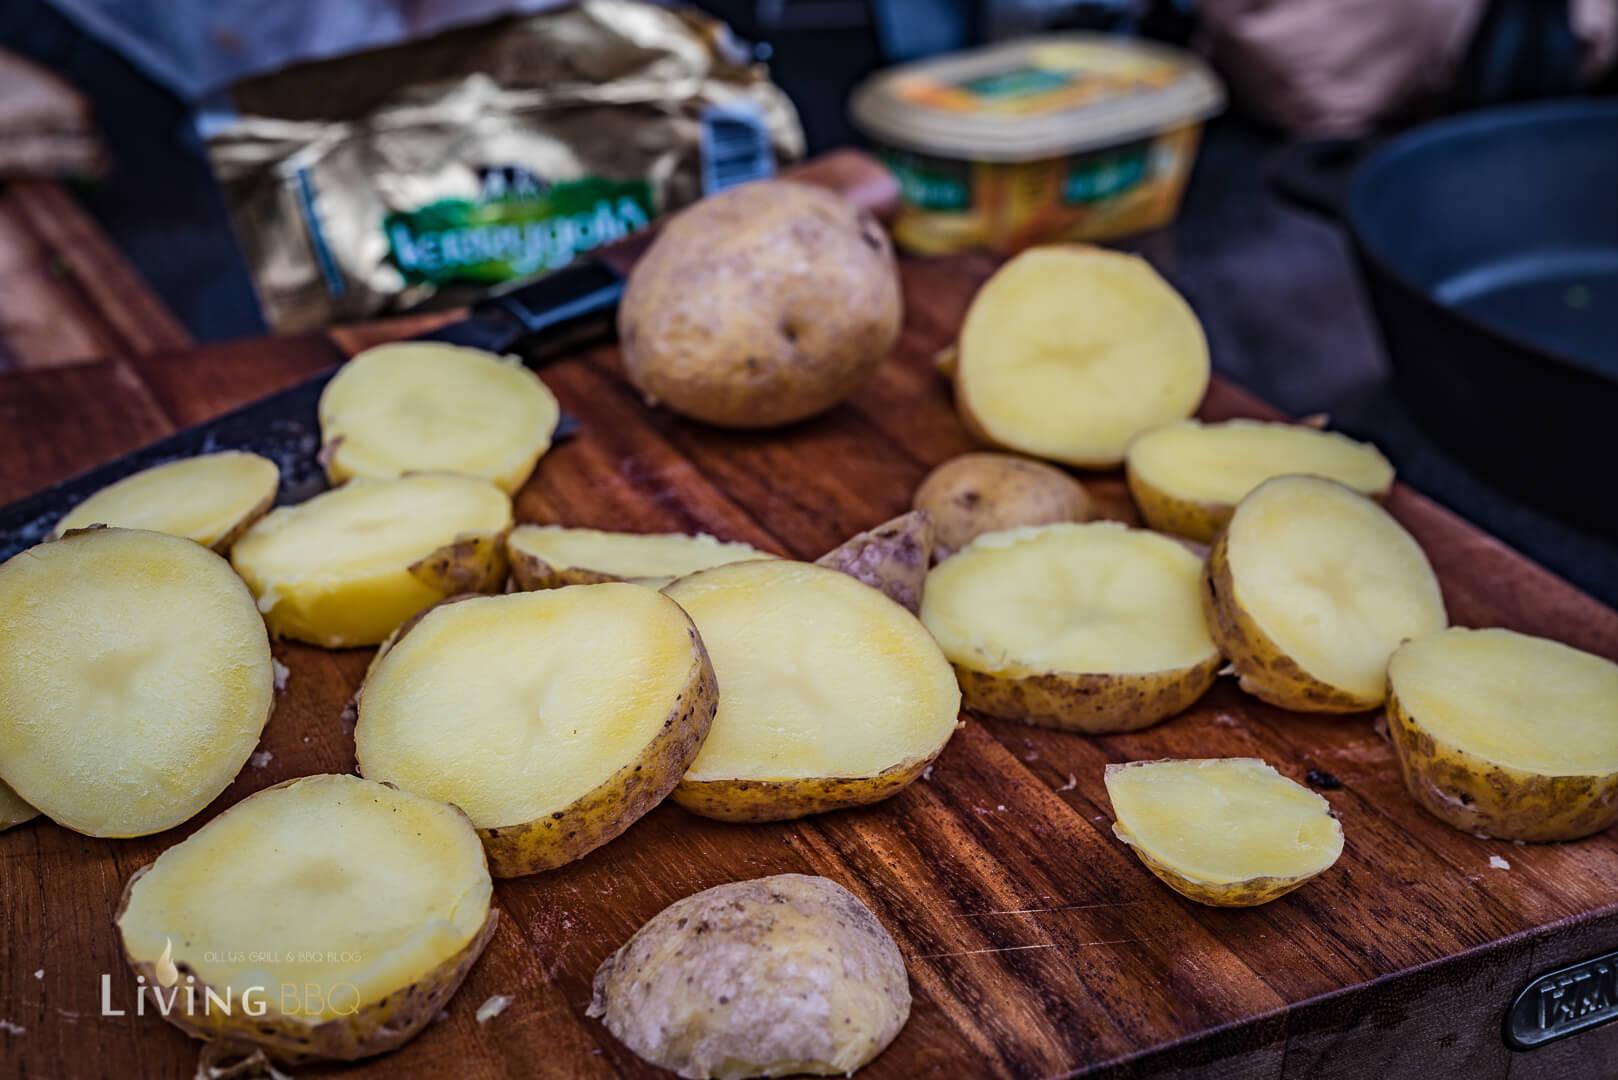 Kartoffeln in Scheiben schneiden _Tiroler Gr  stl 9 von 20